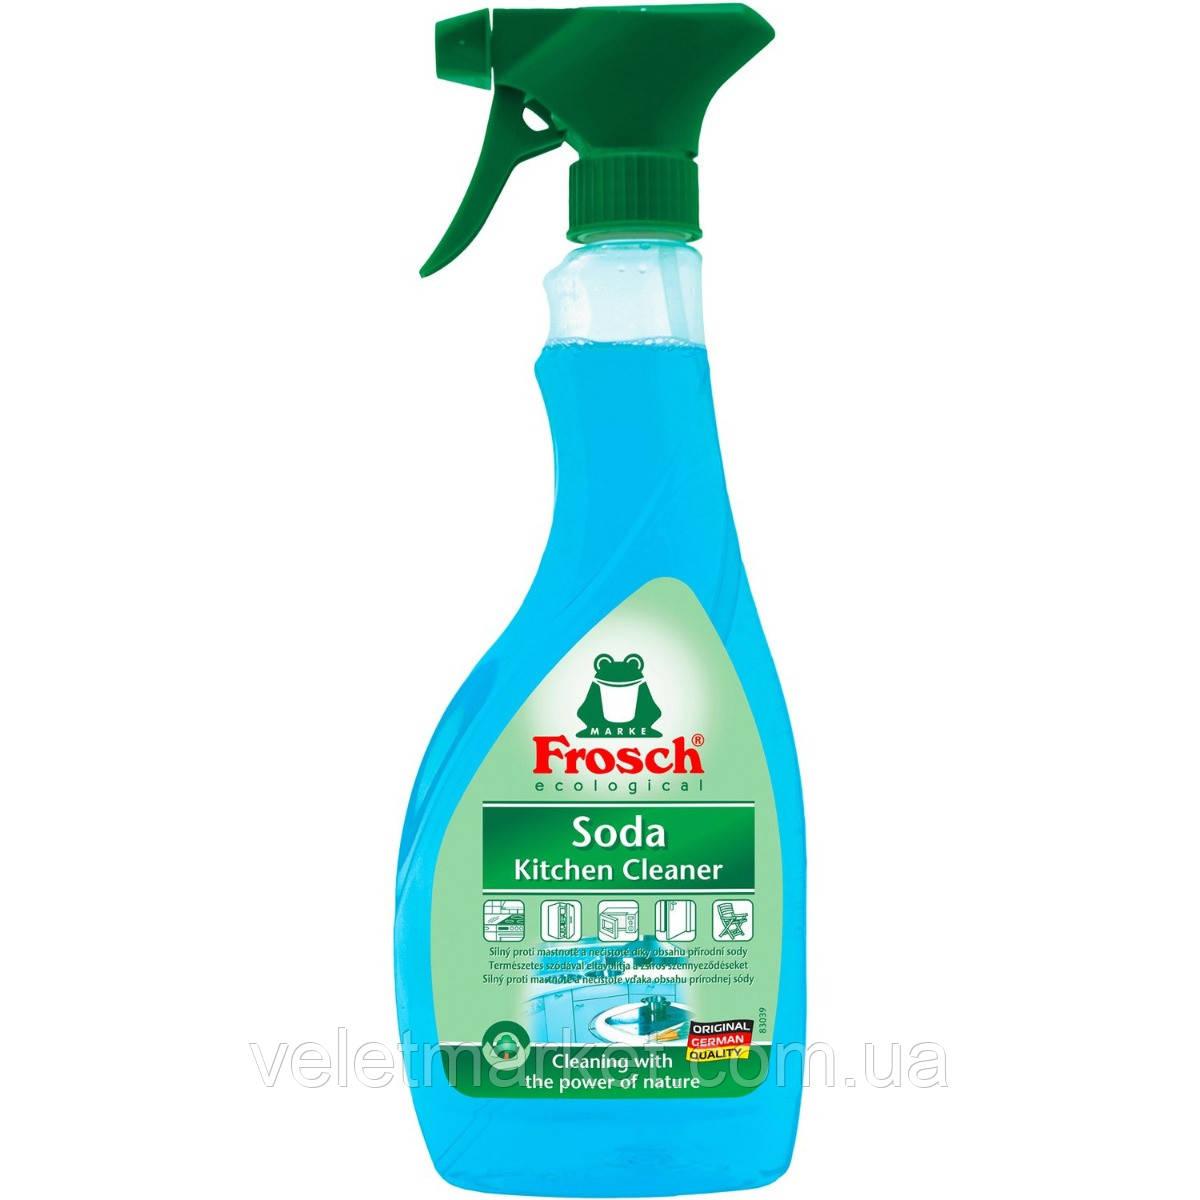 Очиститель для кухни Frosch с натуральной содой 500 мл